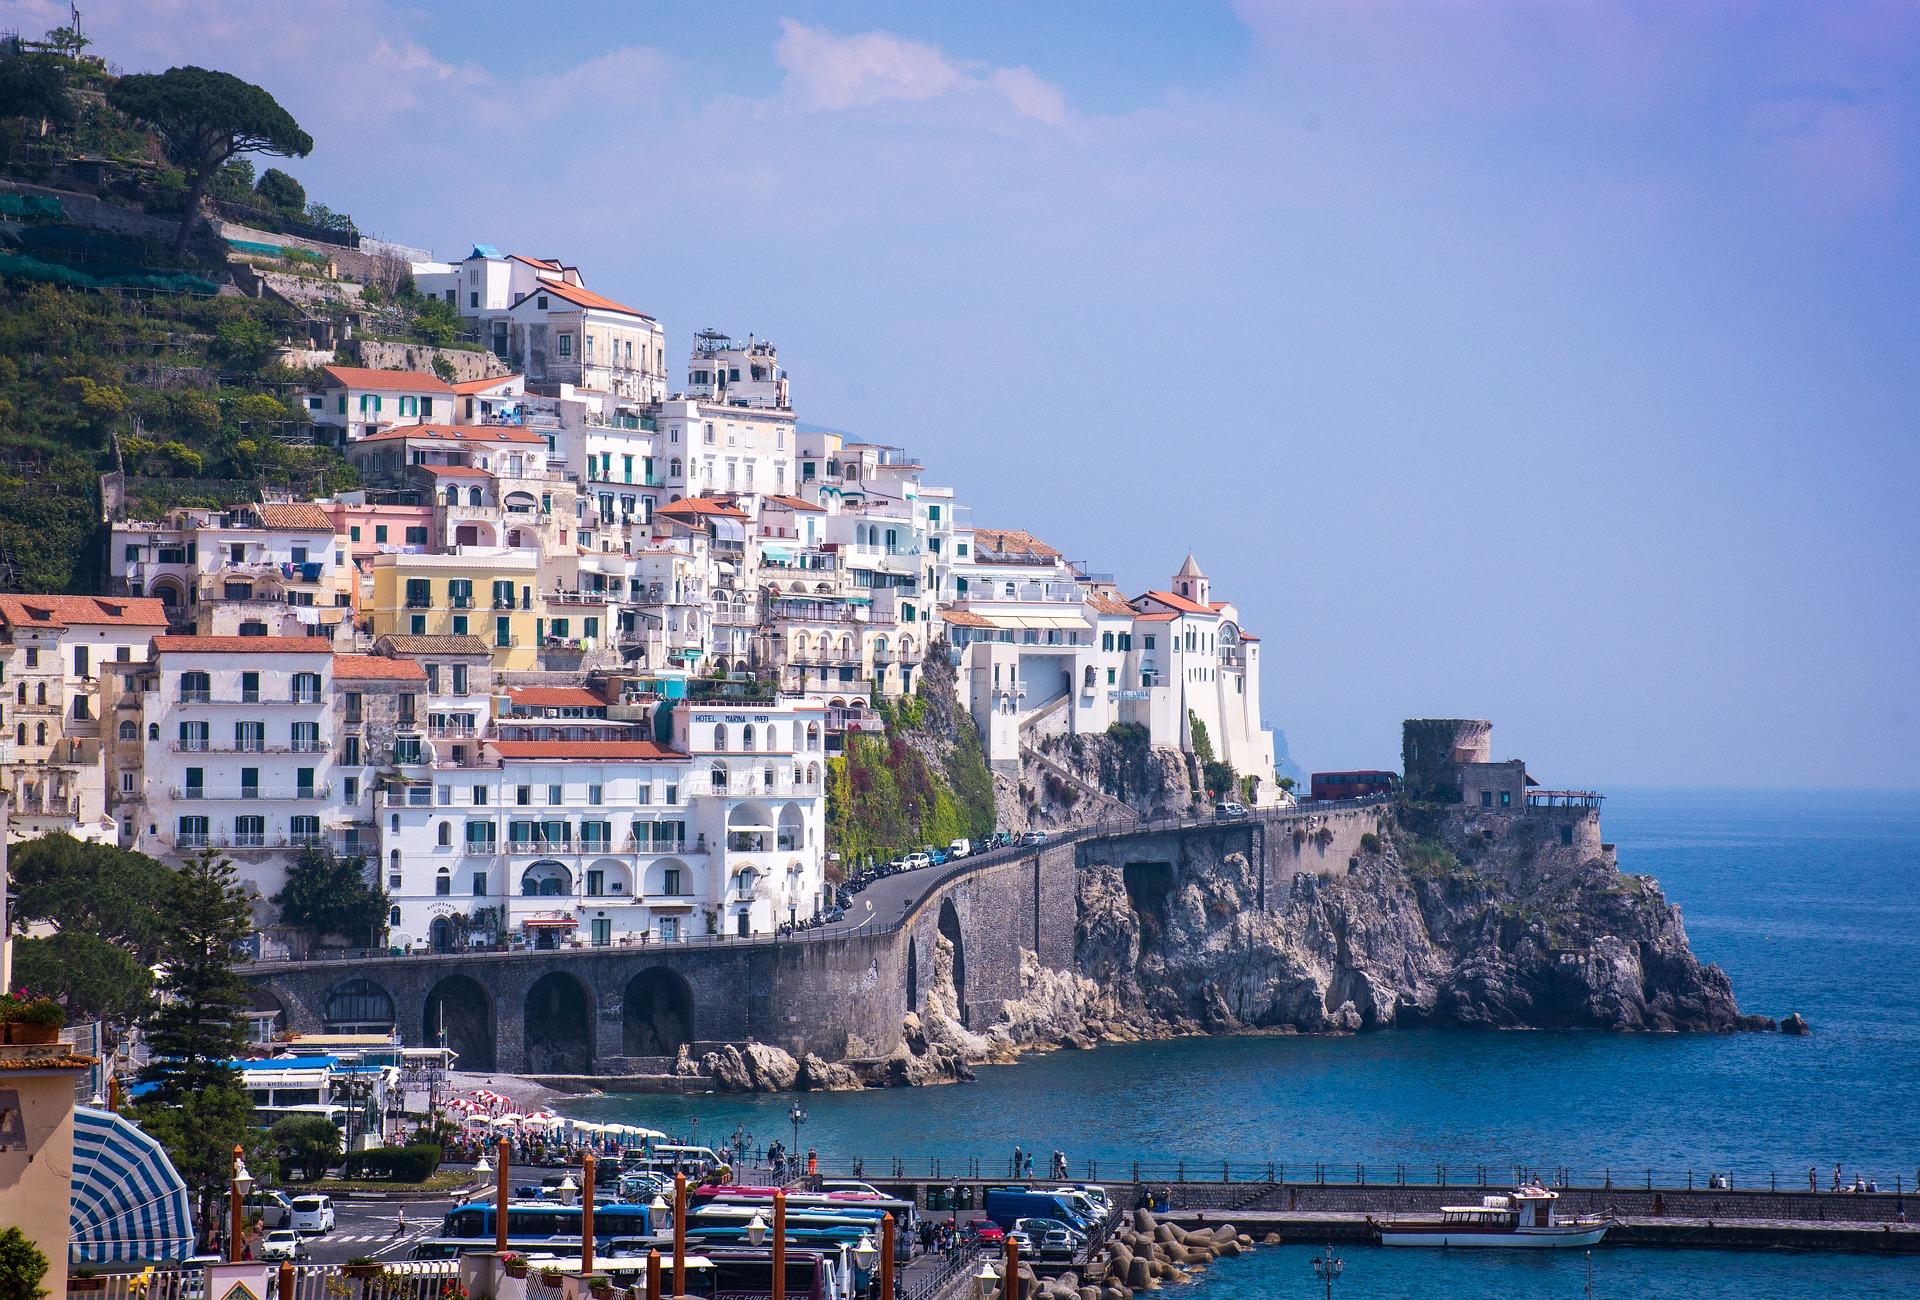 Von jeder Ecke aus bietet Amalfi einen wunderschönen Blick auf die Stadt